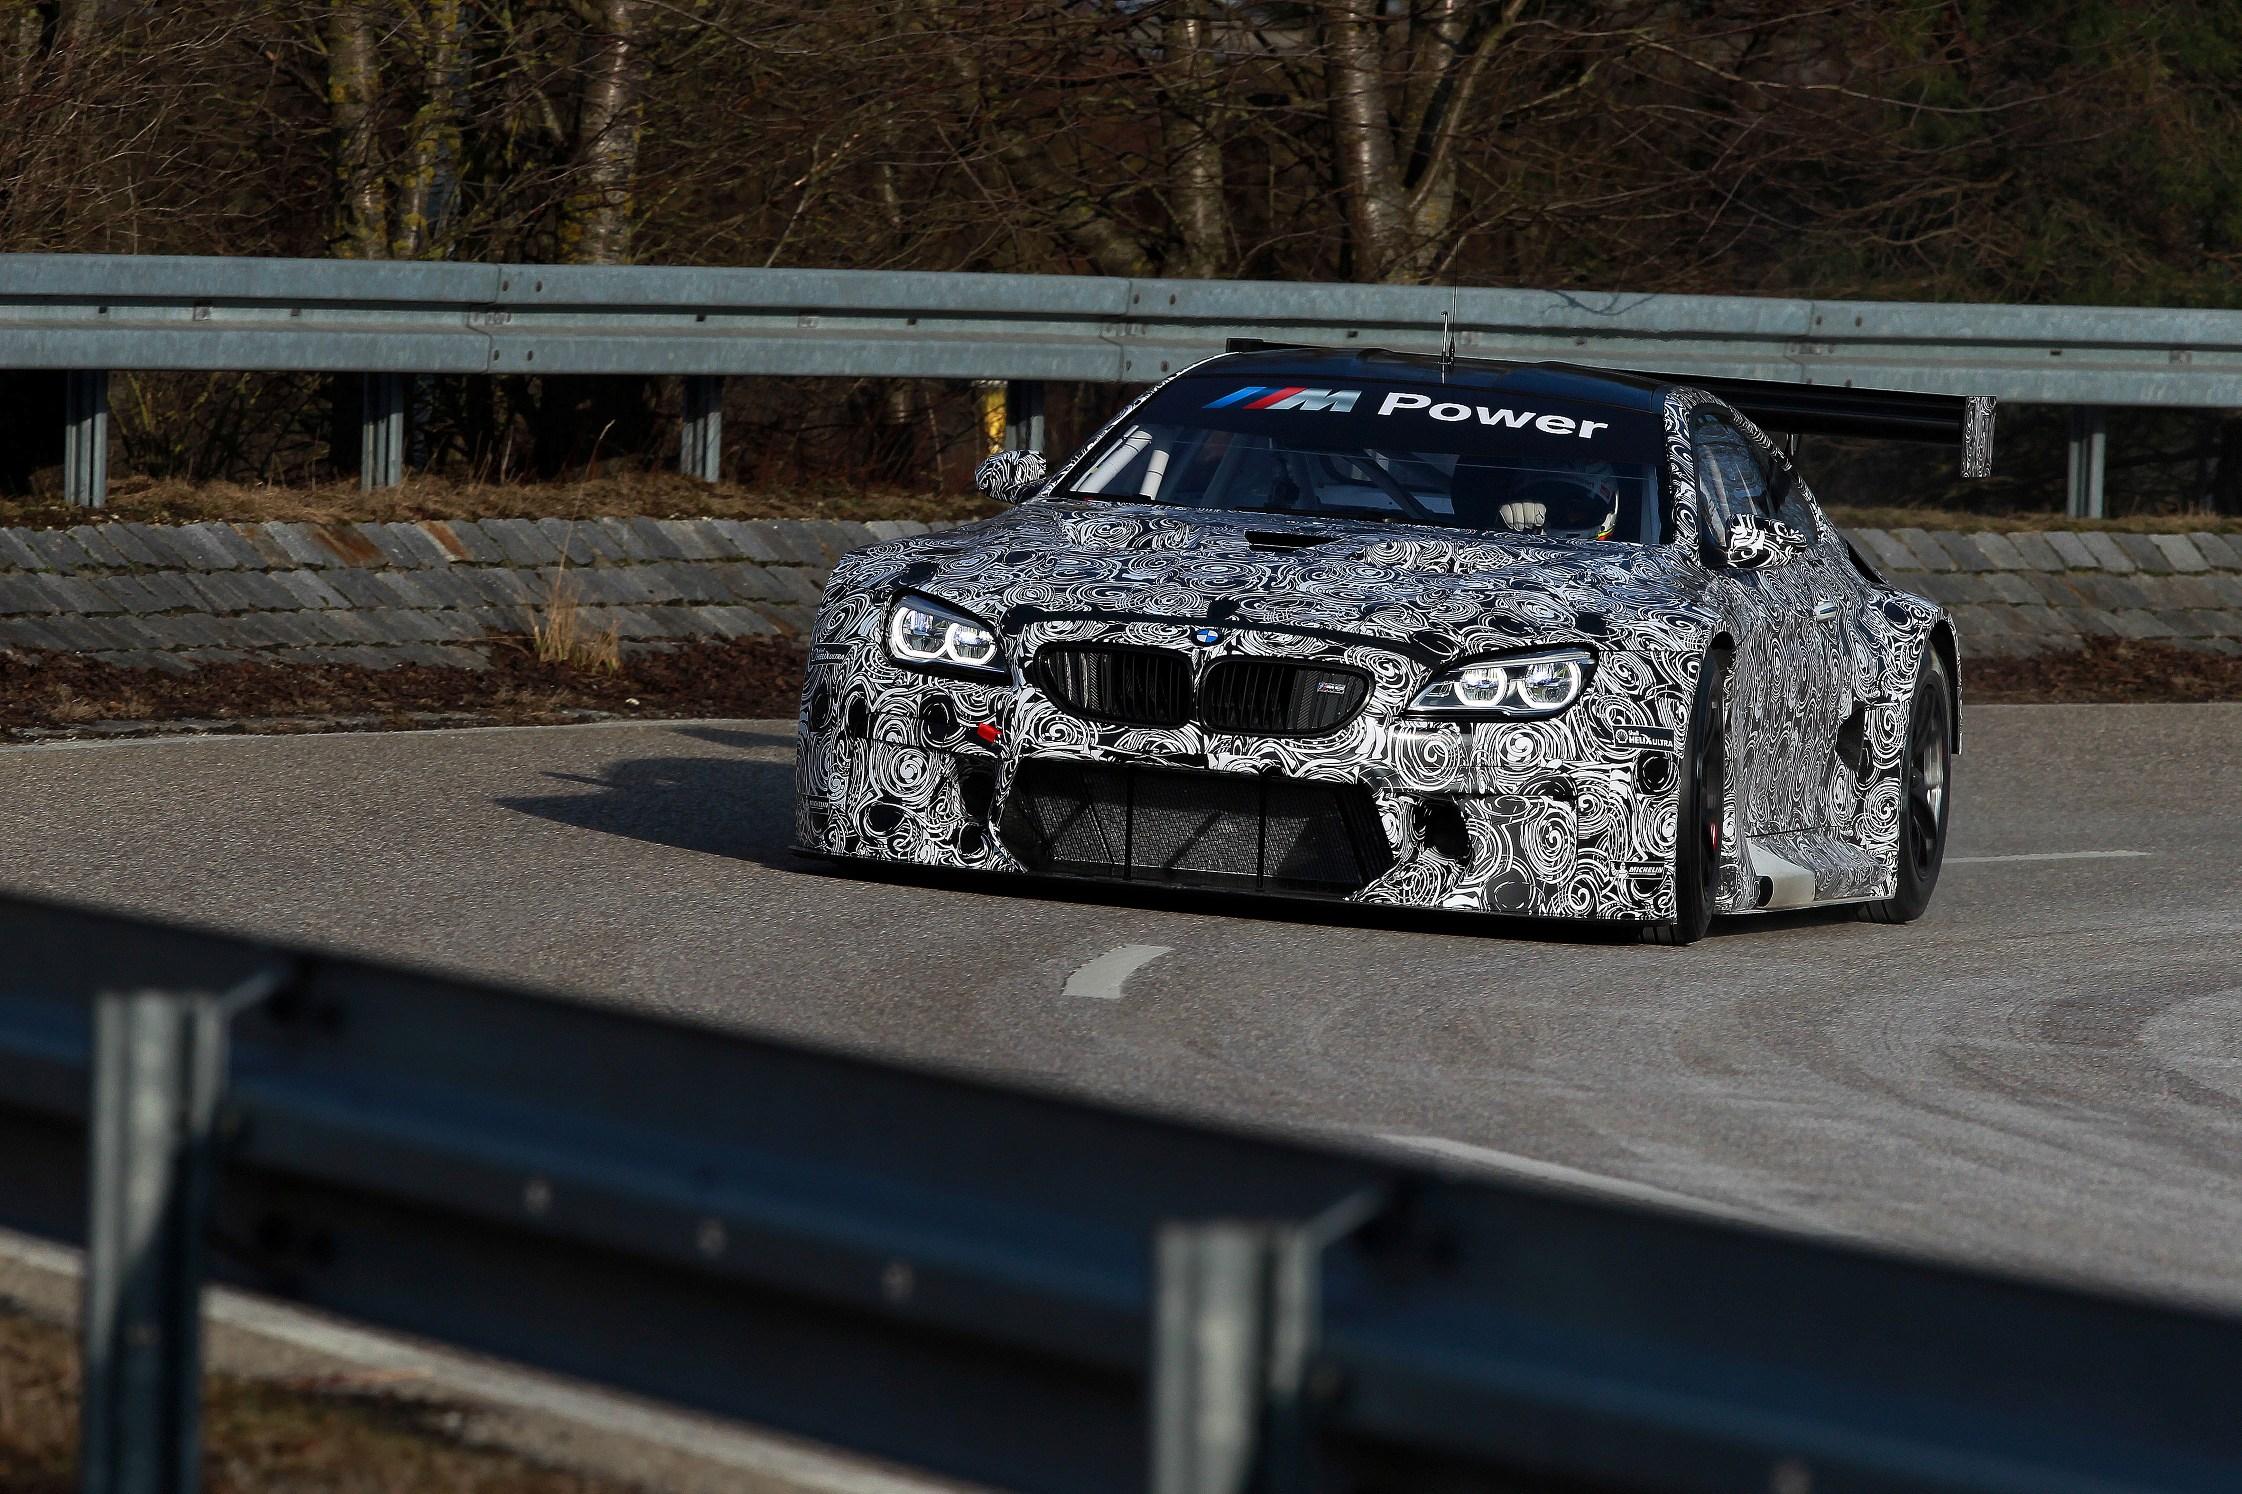 BMW M6 GT3 a fost testat pentru prima oara la uzina BMW din Dingolfing